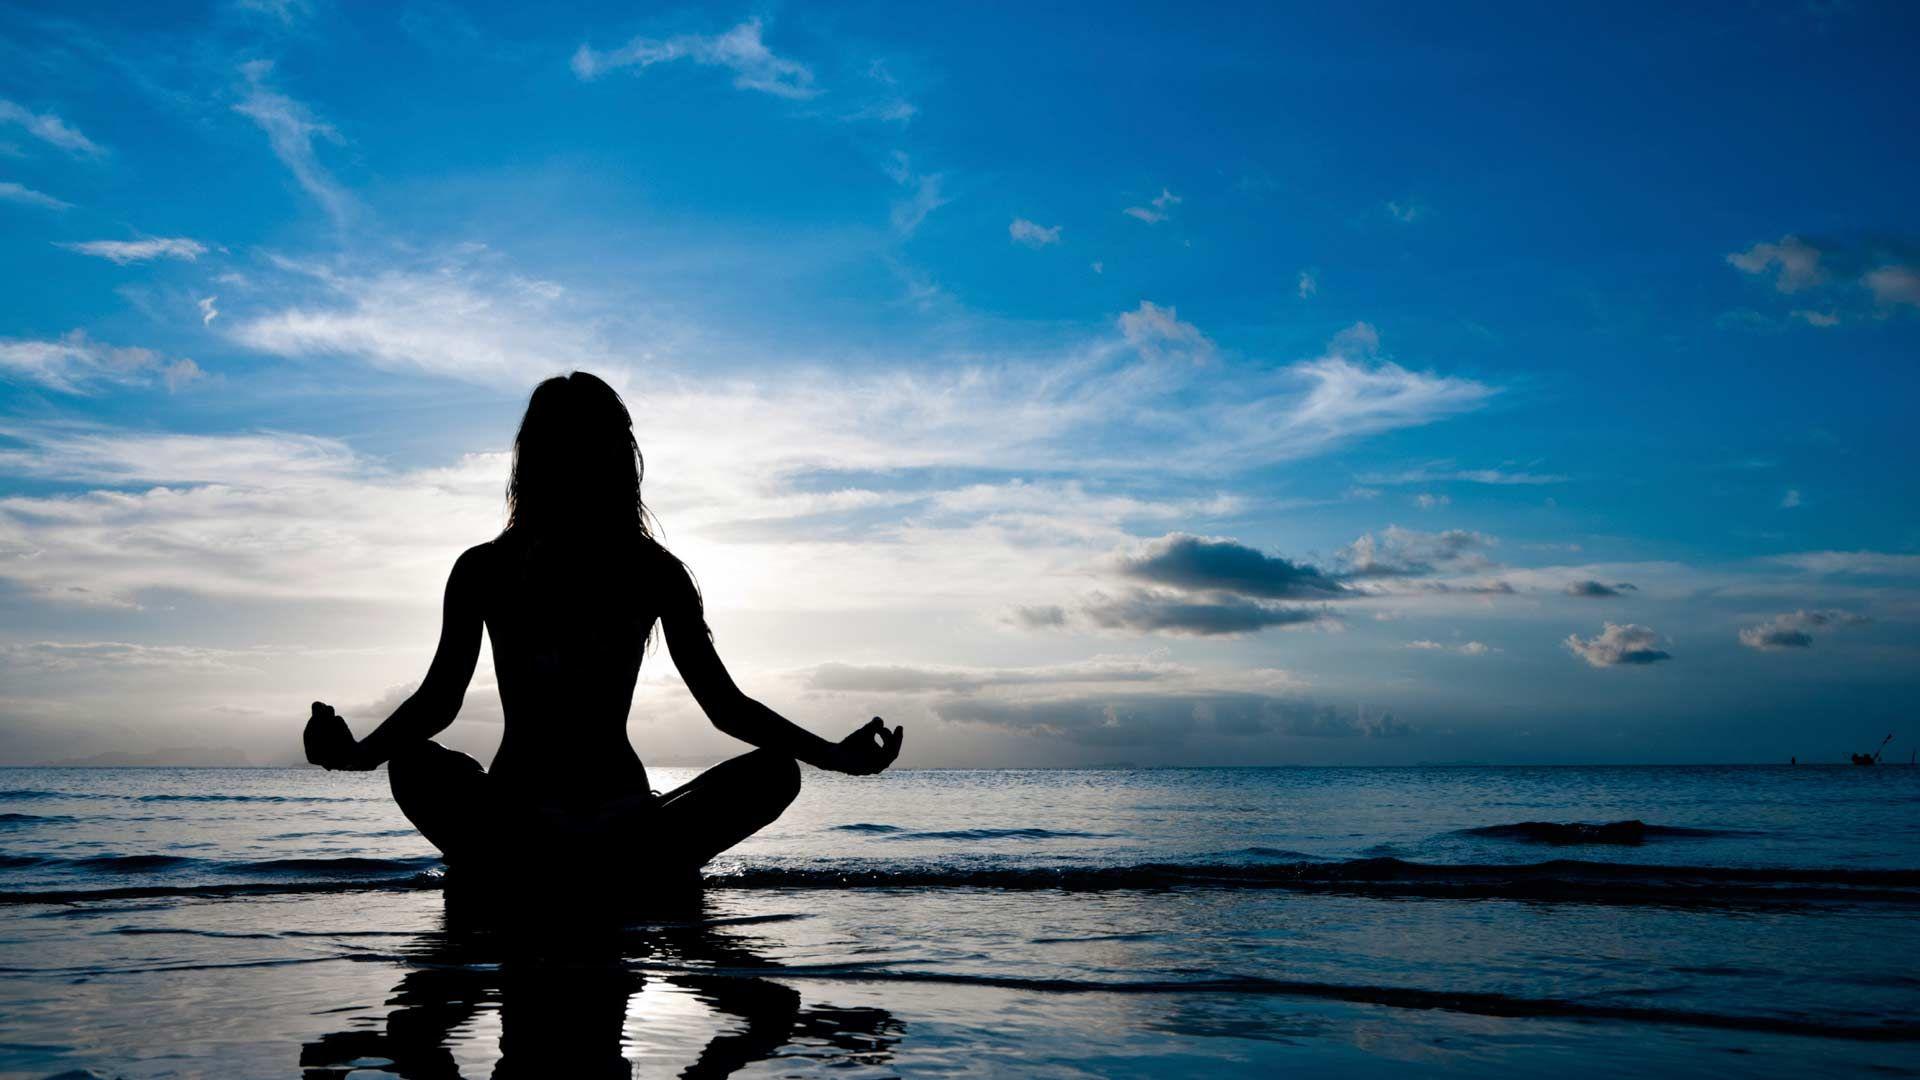 Meditation full screen hd wallpaper